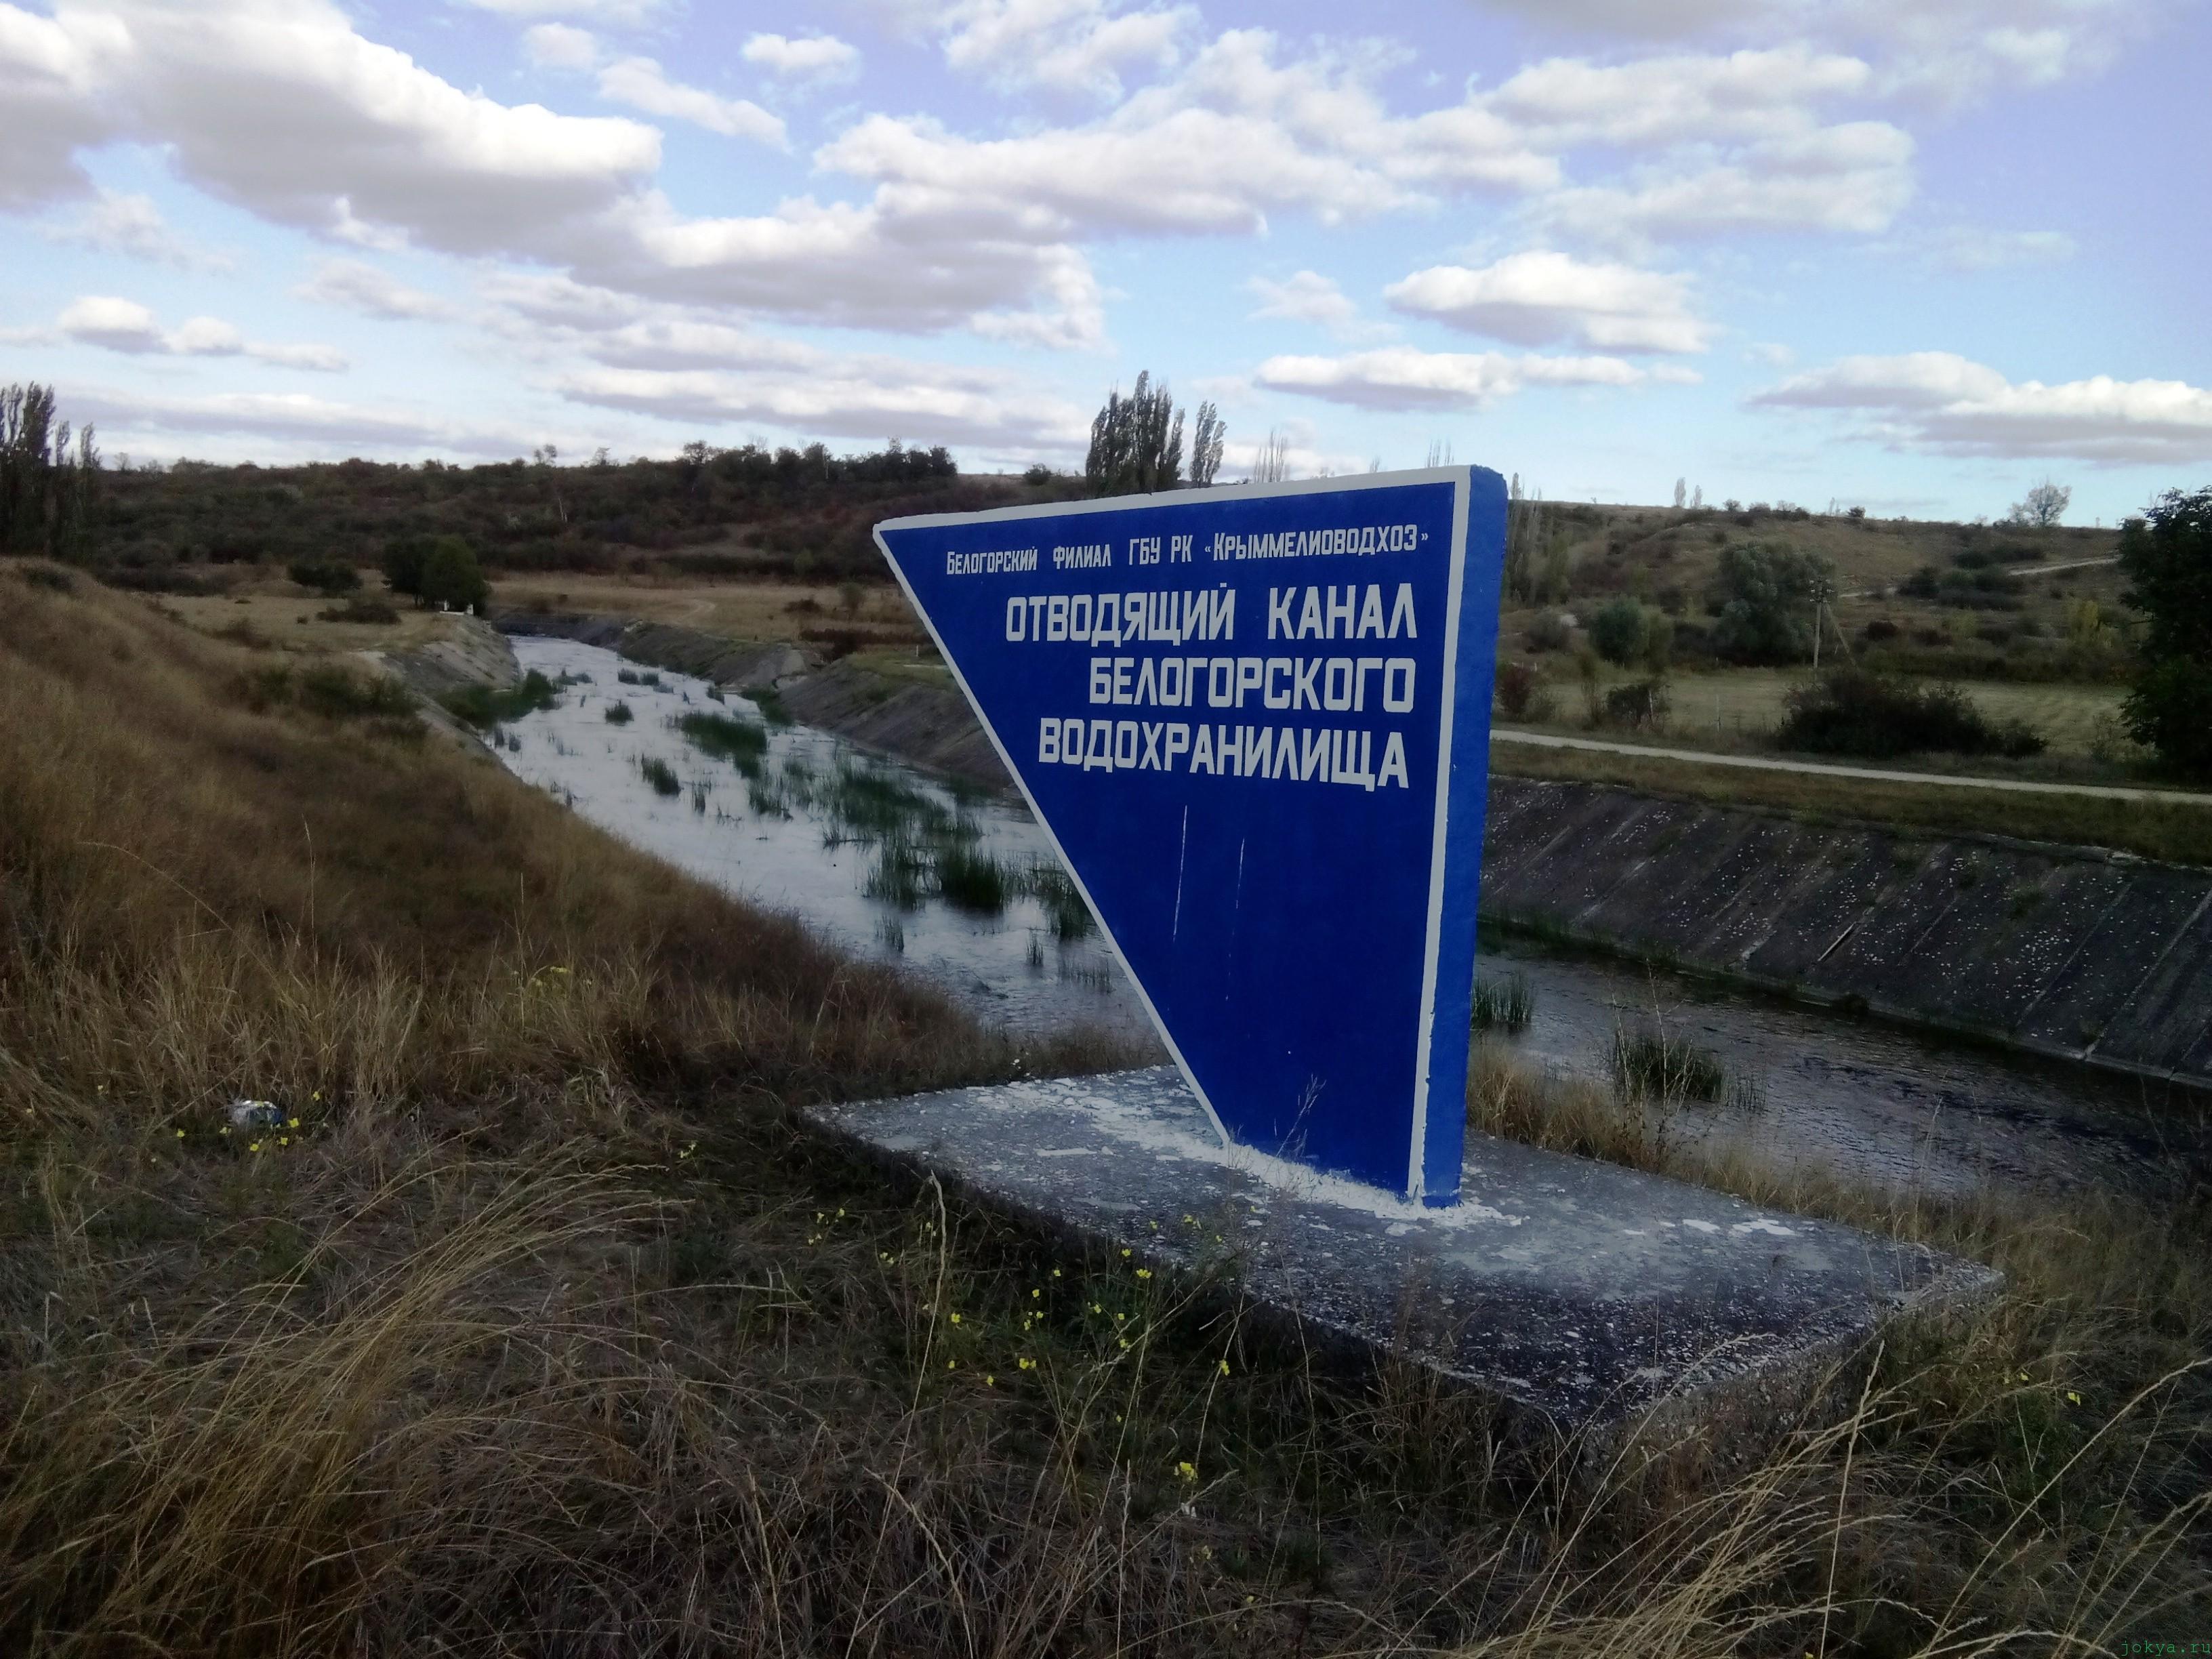 Отводящий канал вдхр в городе Белогорске фото заметка о Крыме jokya.ru